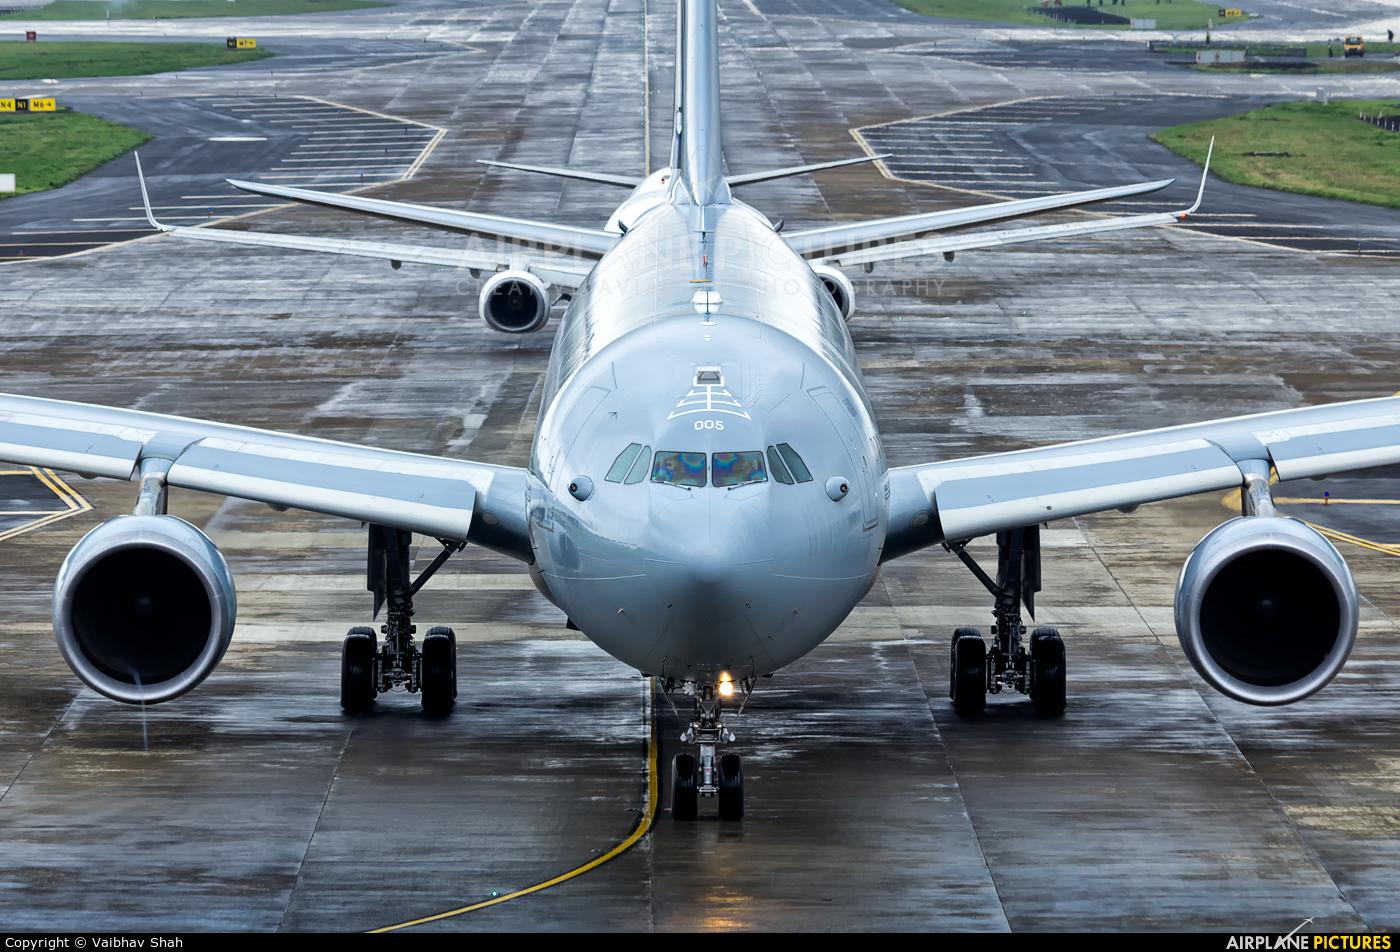 Australia - Air Force A39-005 aircraft at Mumbai - Chhatrapati Shivaji Intl